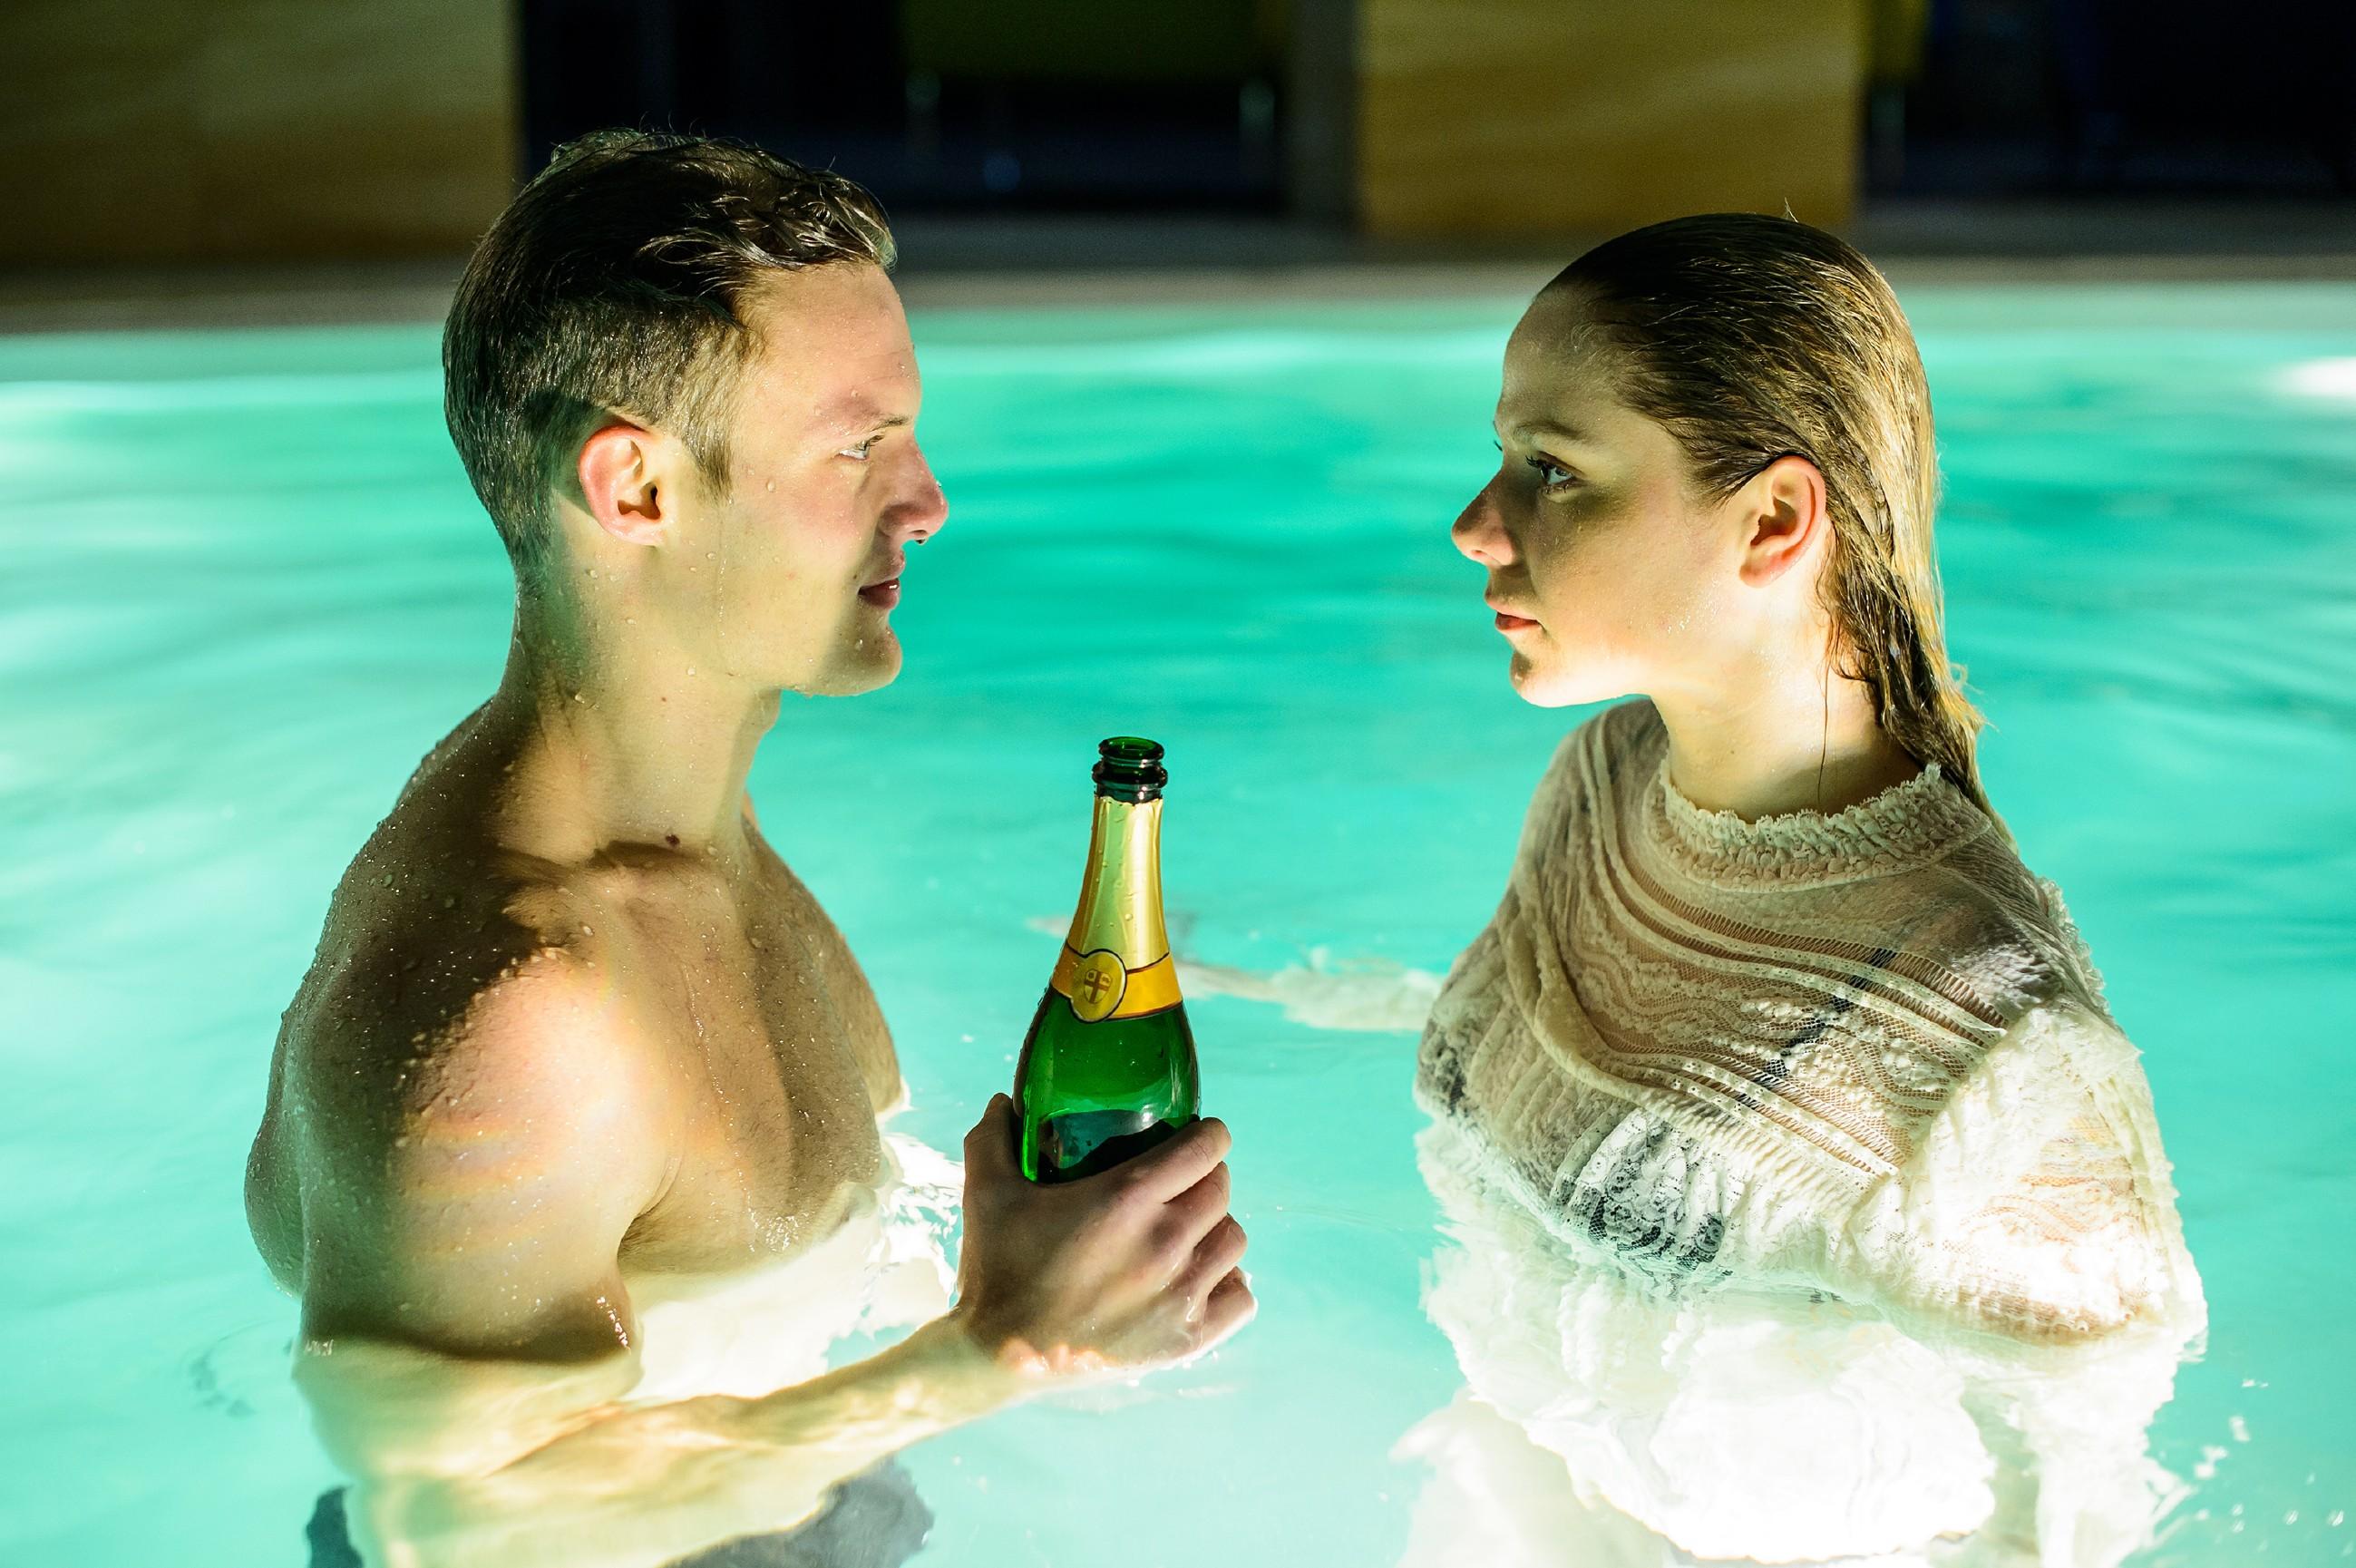 """Die ausgelassene Stimmung bei der Poolparty lässt es zwischen Tim (Robert Maaser) und Marie (Cheyenne Pahde) """"brizzeln""""..."""